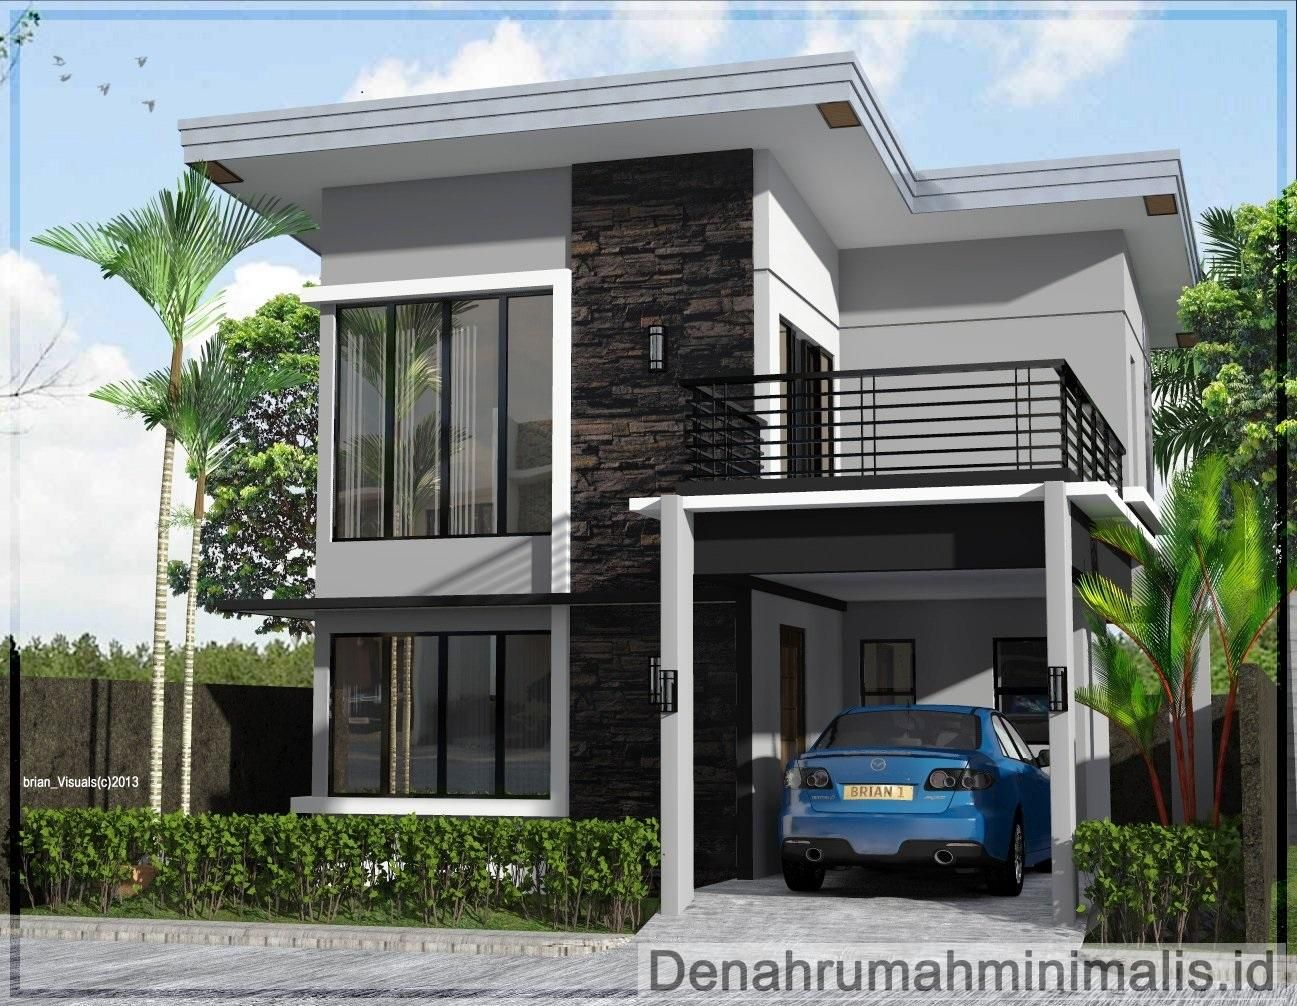 Desain Rumah 2 Tingkat Type 36 Cek Bahan Bangunan